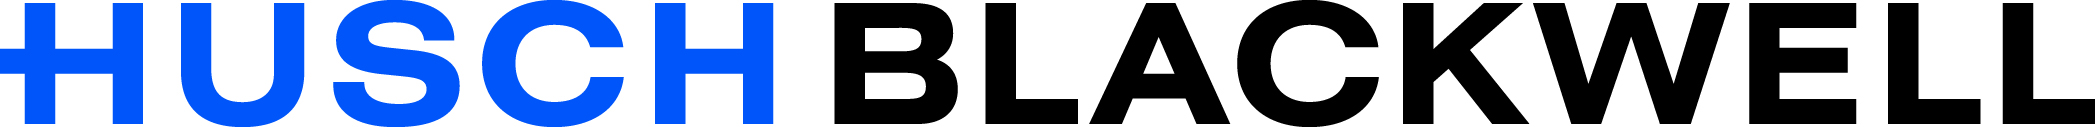 HB_logo_4-color.jpg